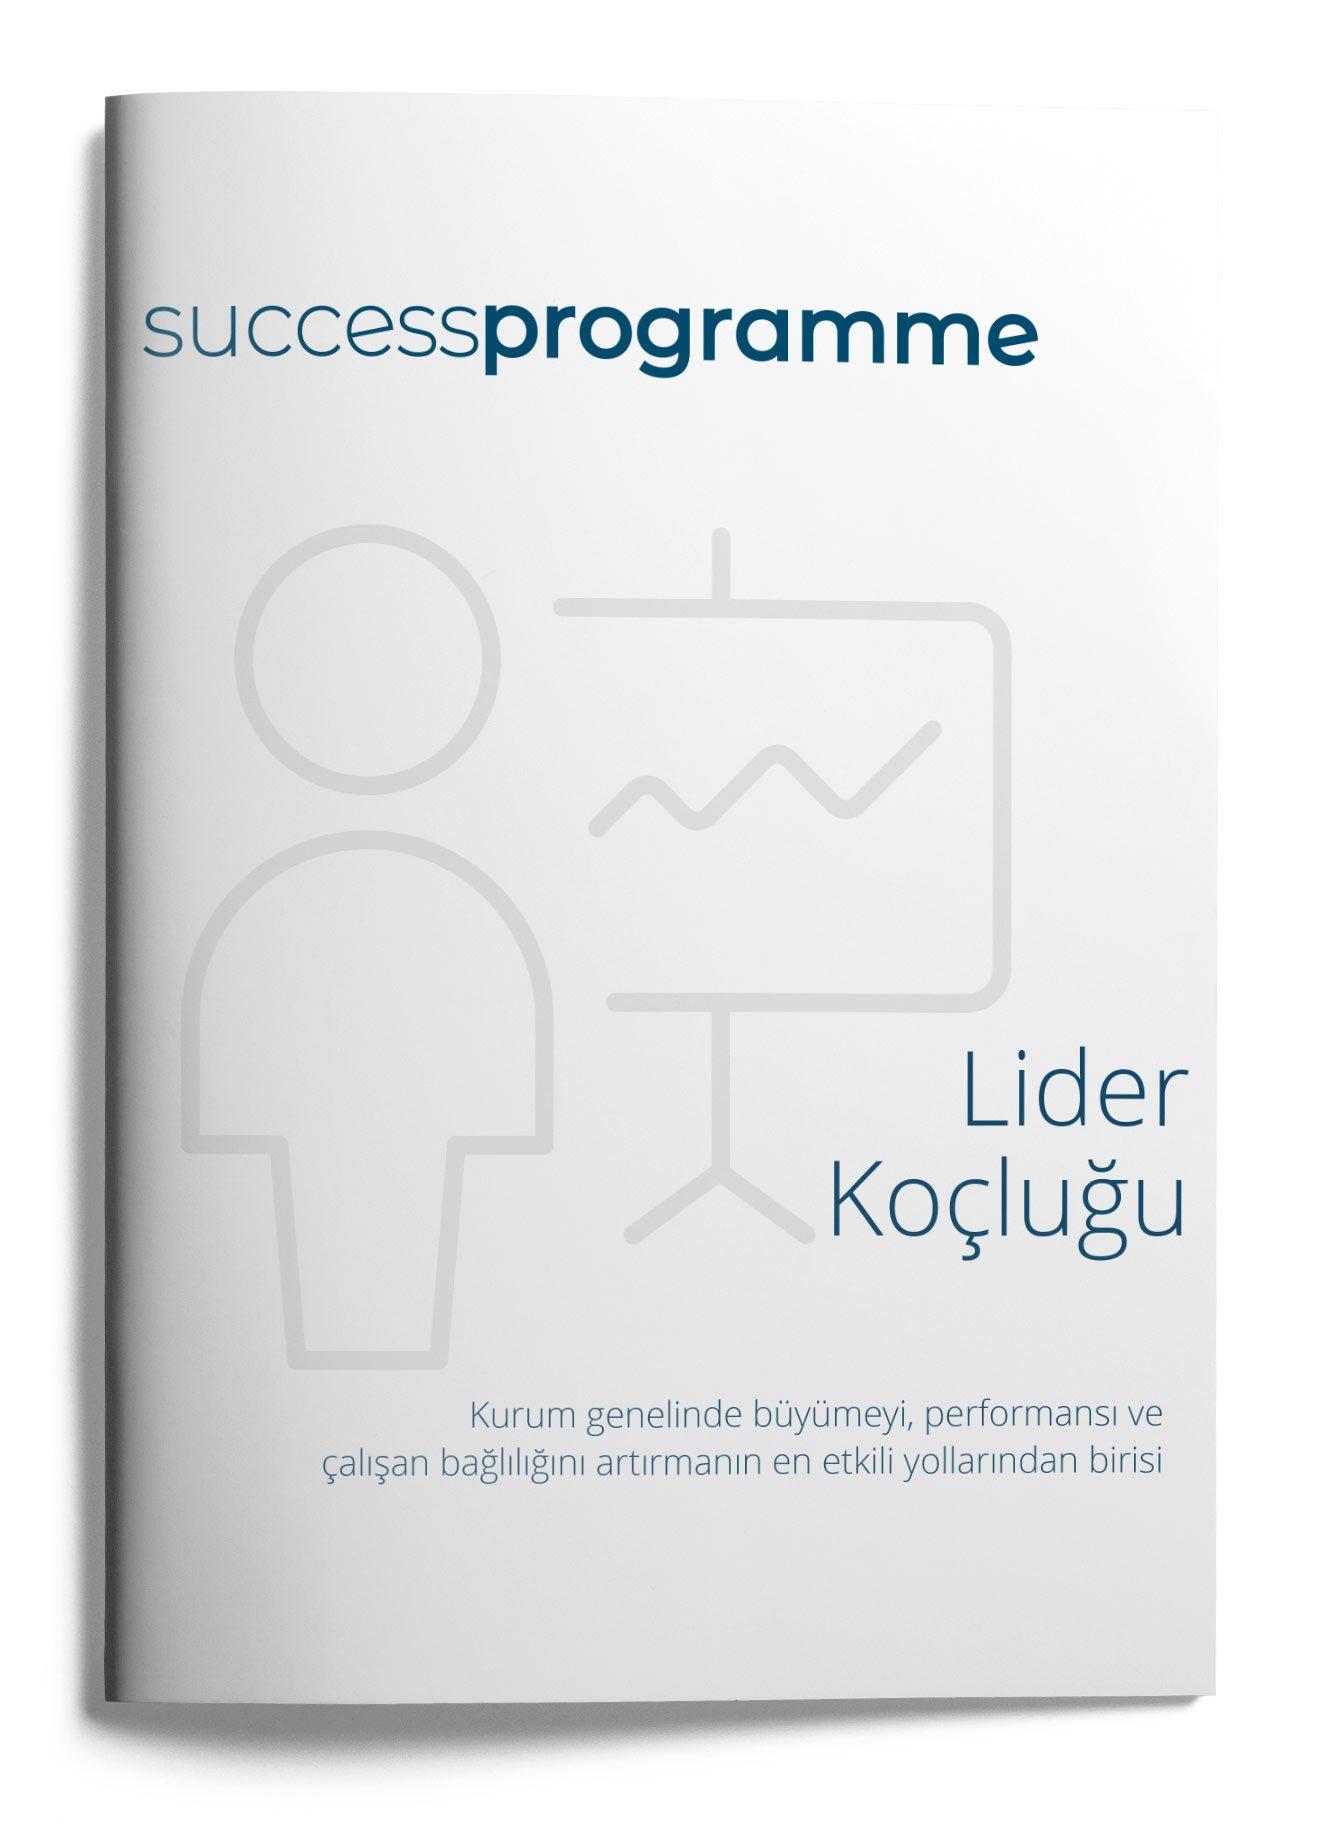 lider-yonetici-koclugu-programlari